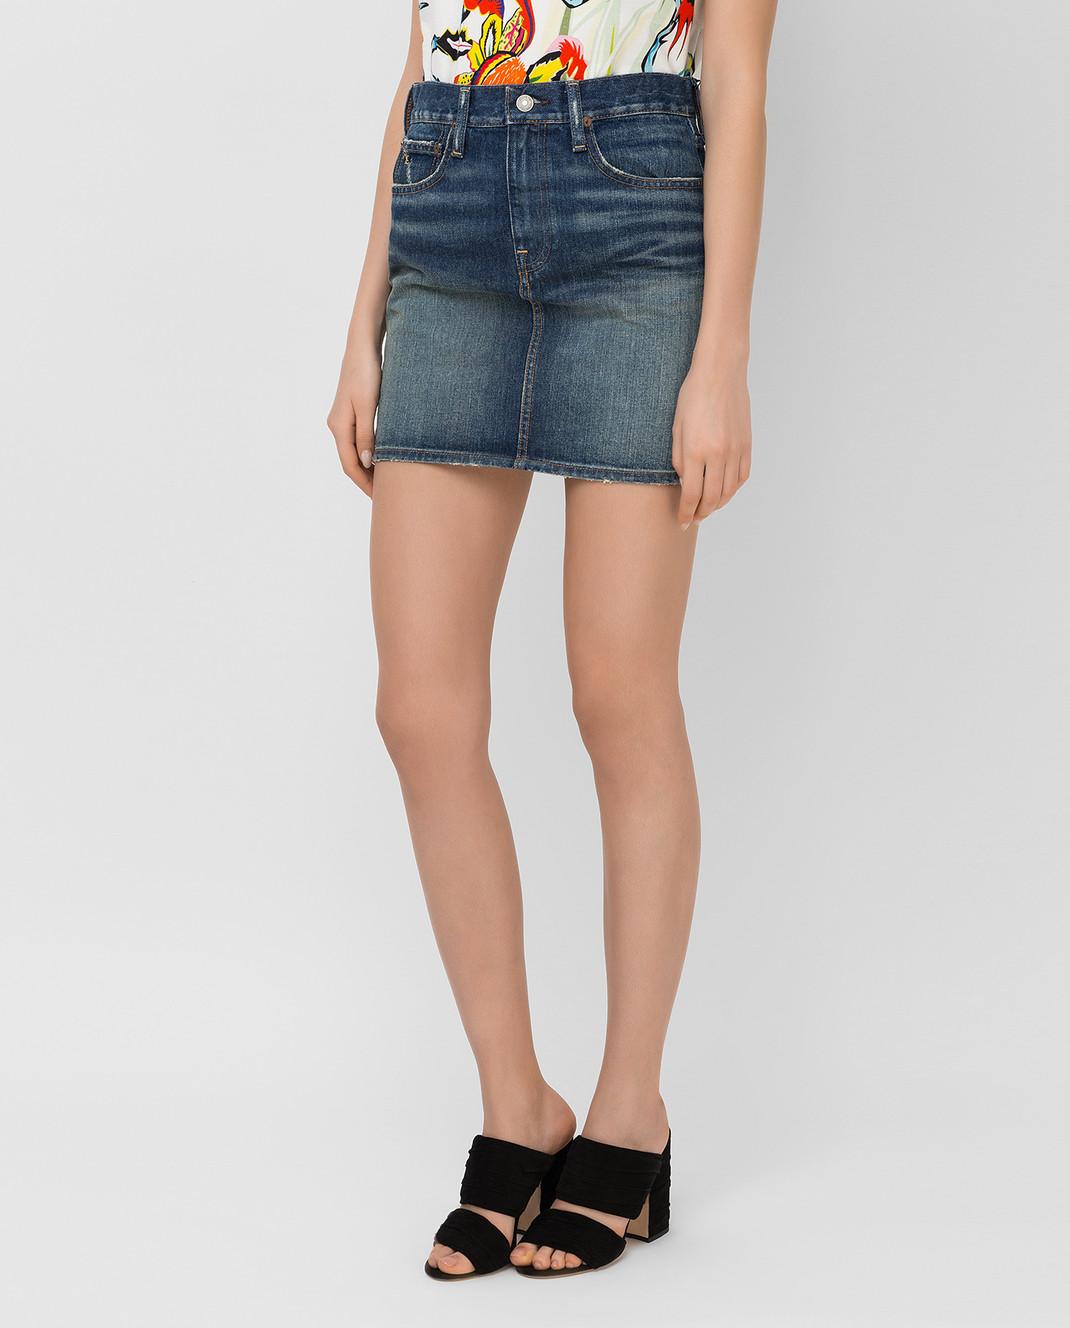 Ralph Lauren Синяя джинсовая юбка V60IH924 изображение 3